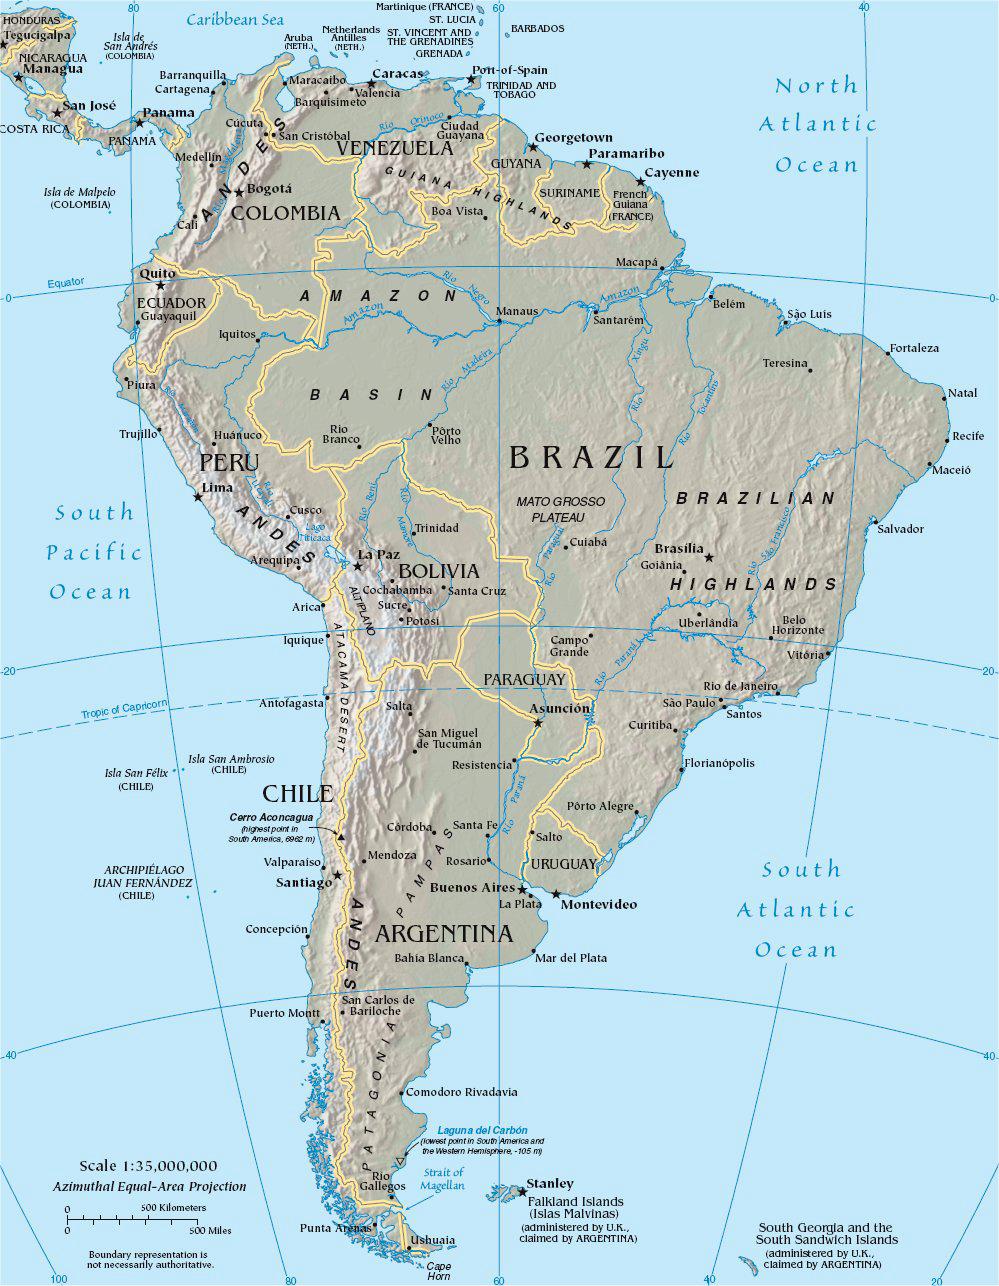 Geografische Karte von Südamerika. Ecuador liegt im Nordwesten des Kontinents an der Pazifikküste .